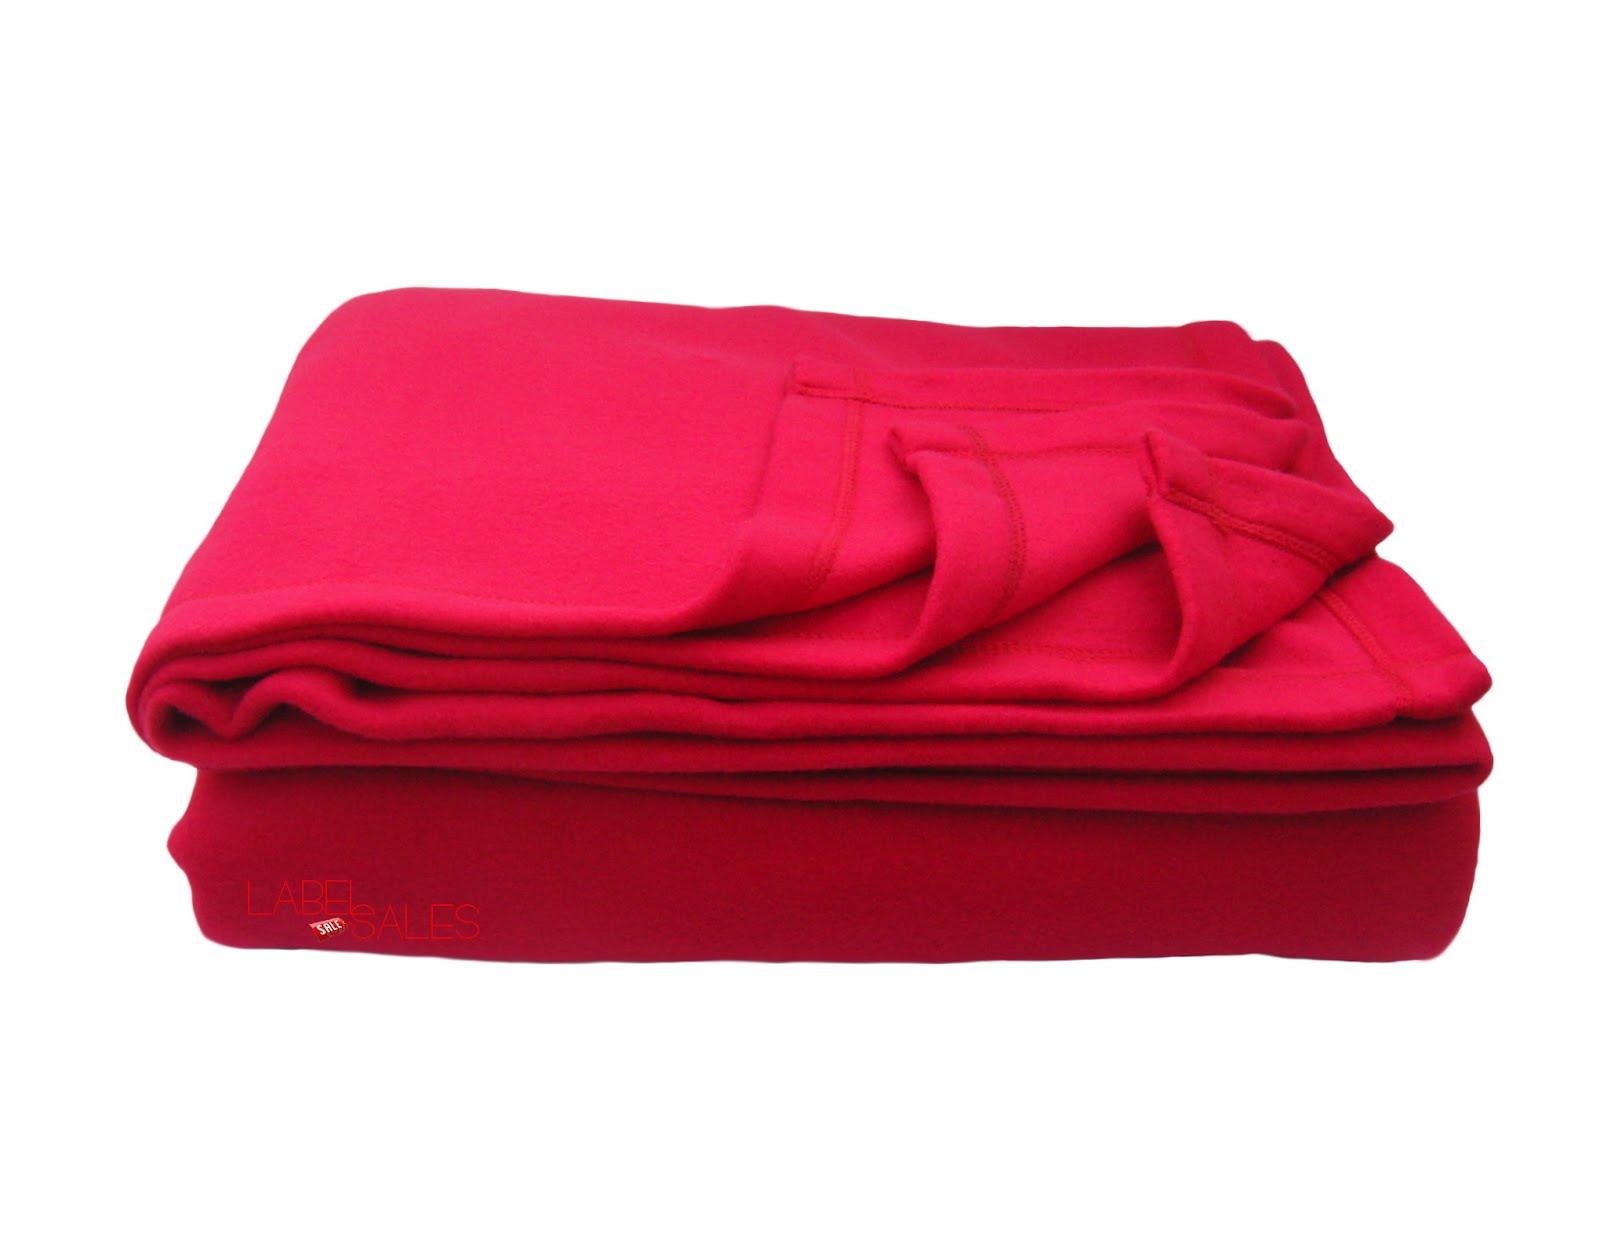 ซื้อ ผ้าห่ม ราคา ถูก